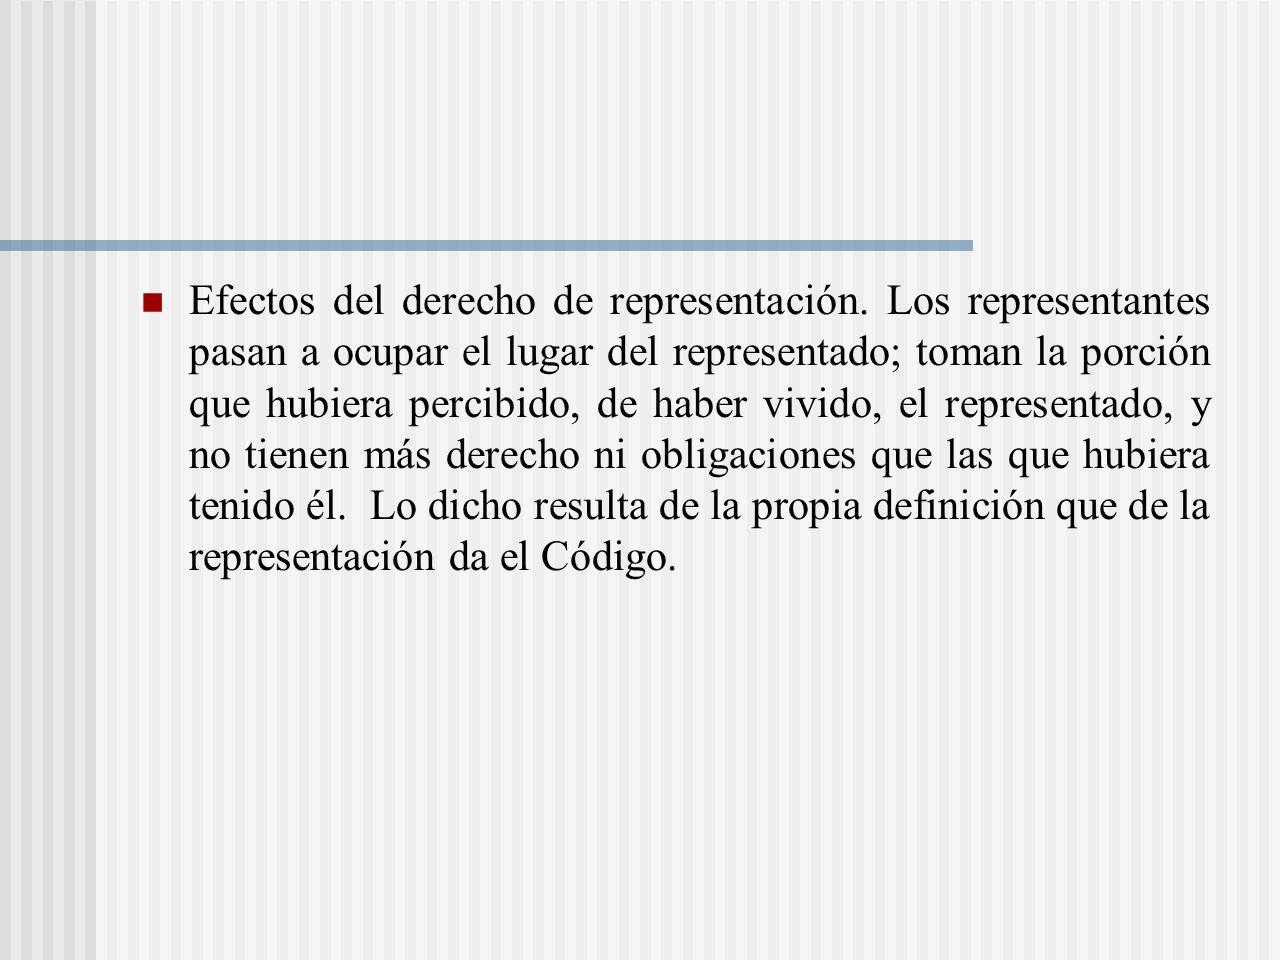 Efectos del derecho de representación